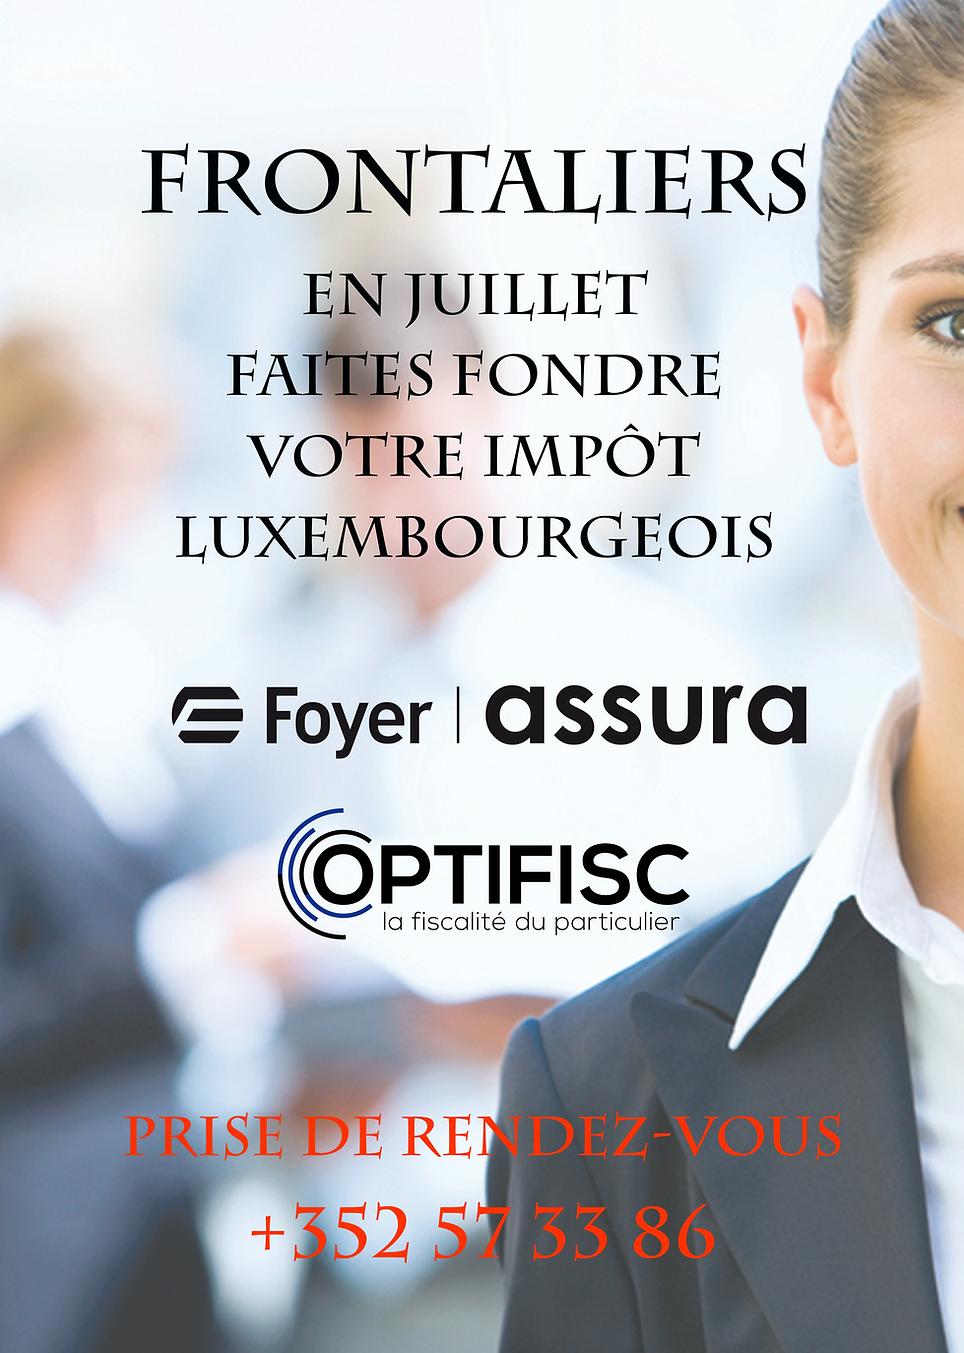 frontaliers_faites_fondre_votre_impôt_lu